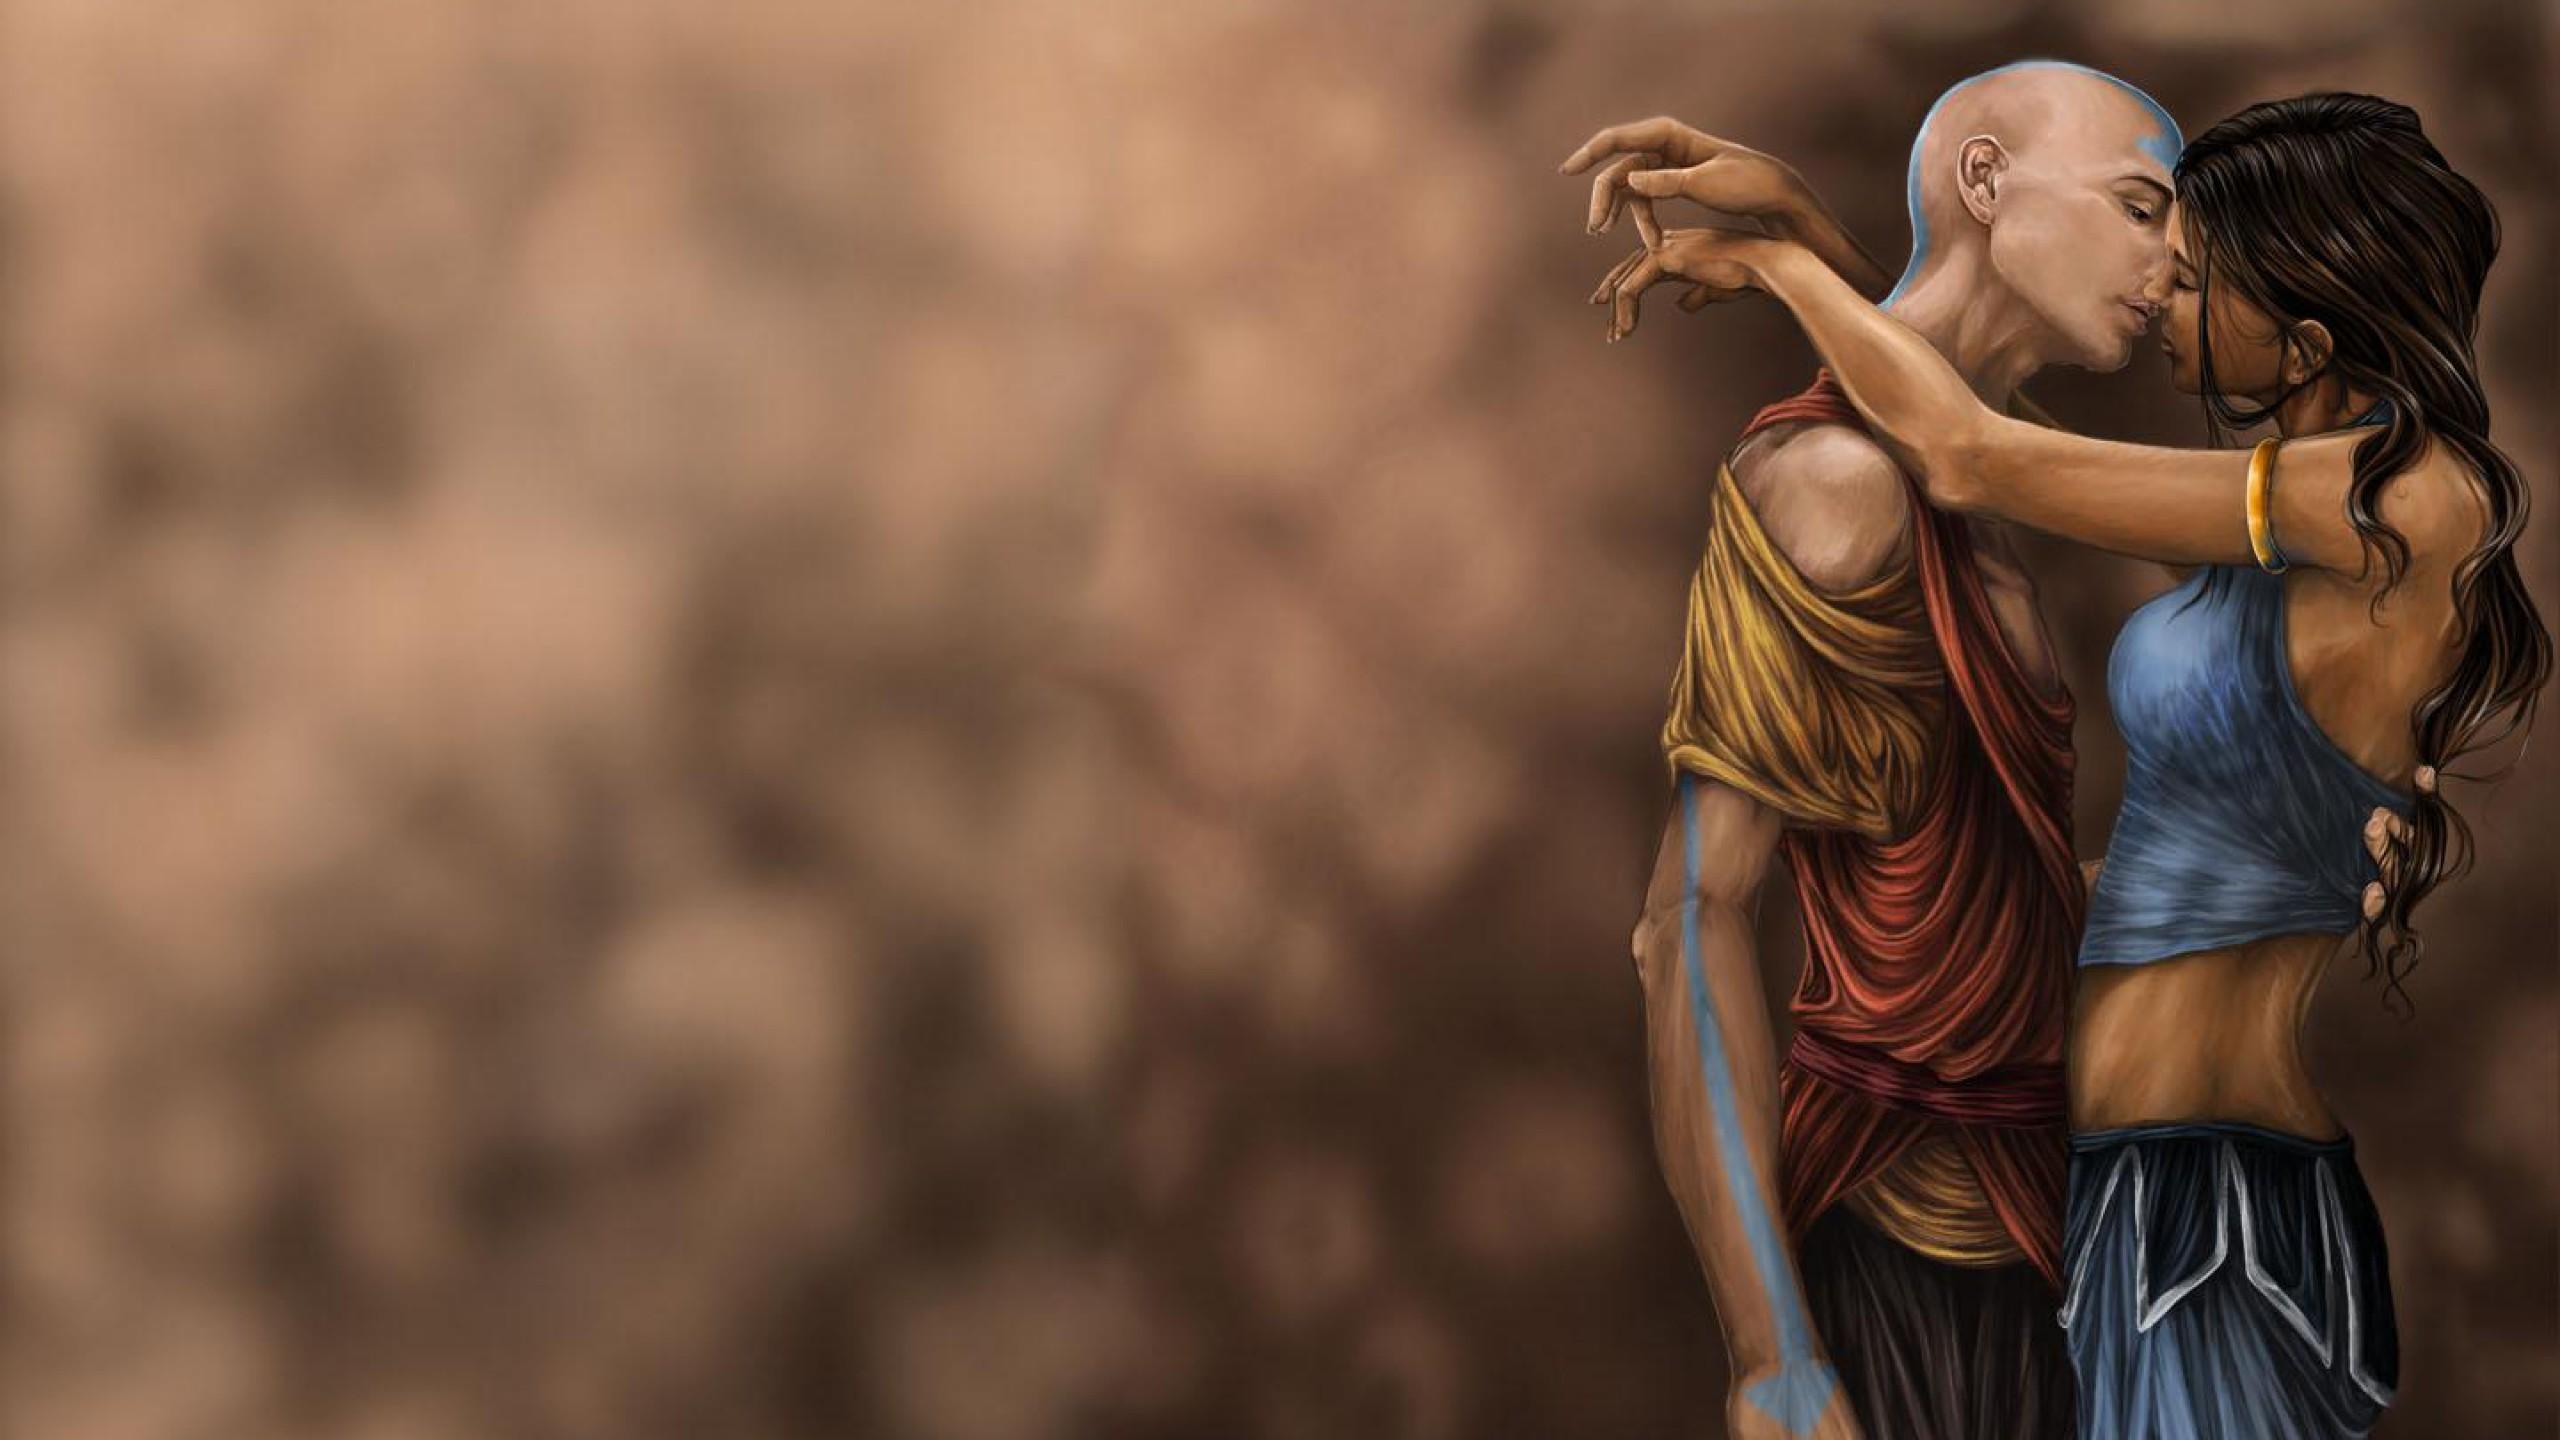 Aang Korra wallpaper : the legend of korra, avatar the last airbender